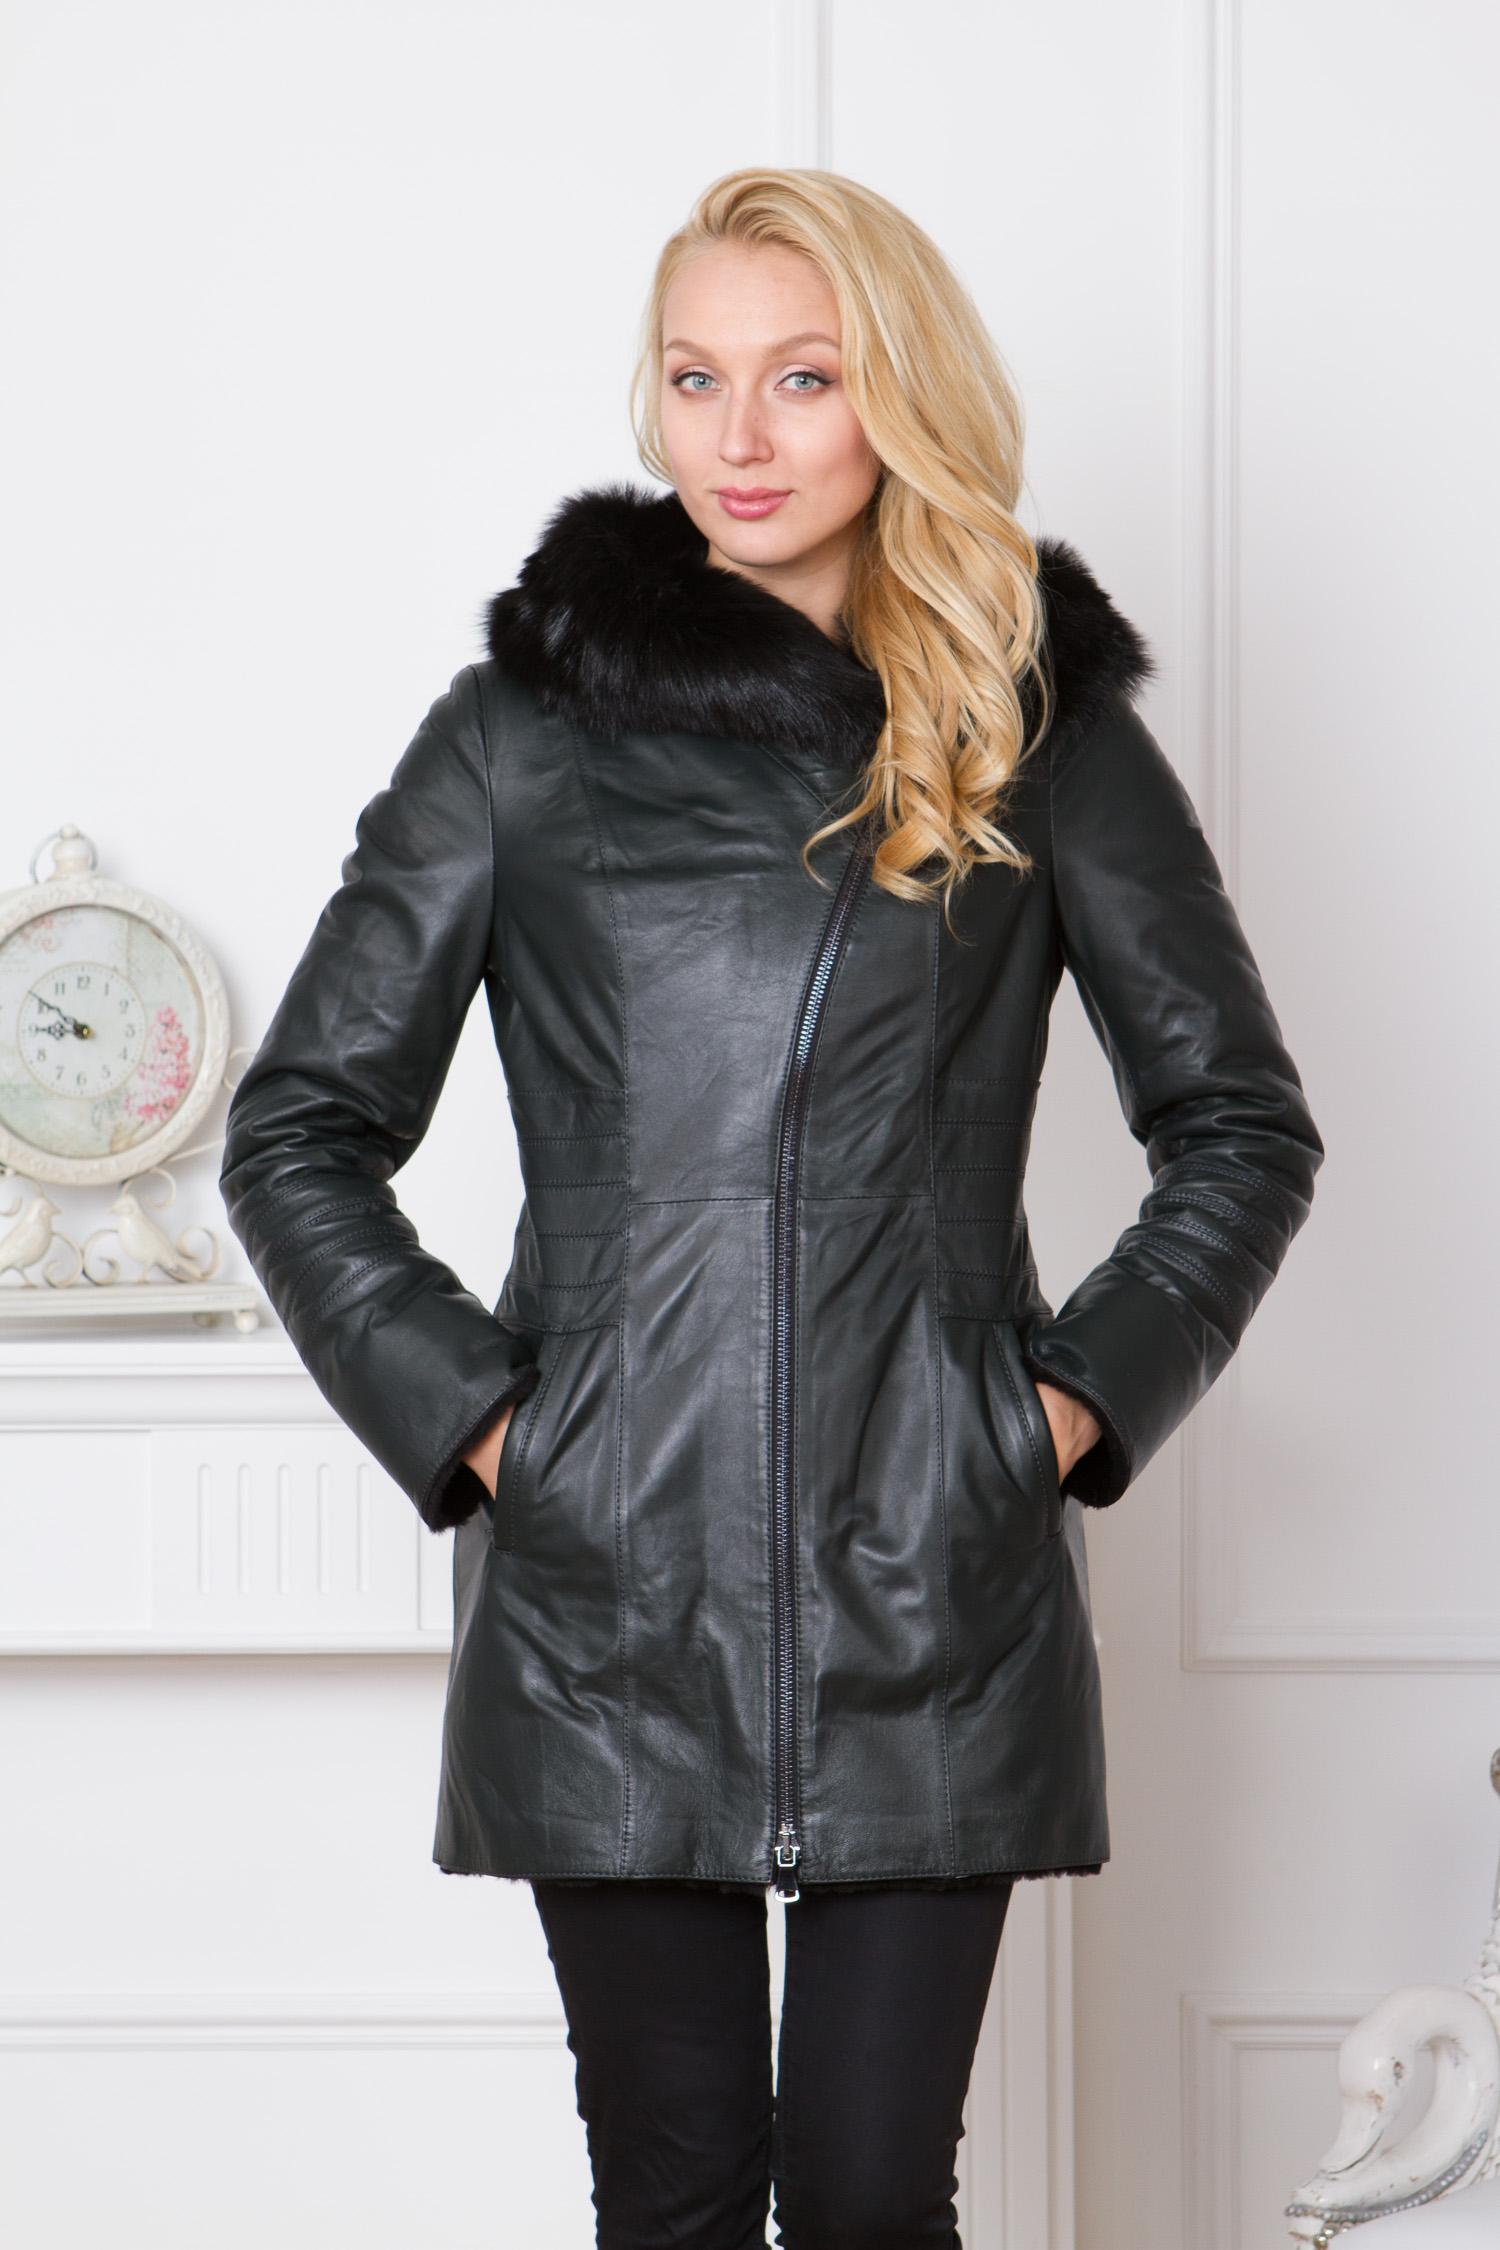 Женская кожаная куртка из натуральной кожи с капюшоном, отделка тоскана от МОСМЕХА